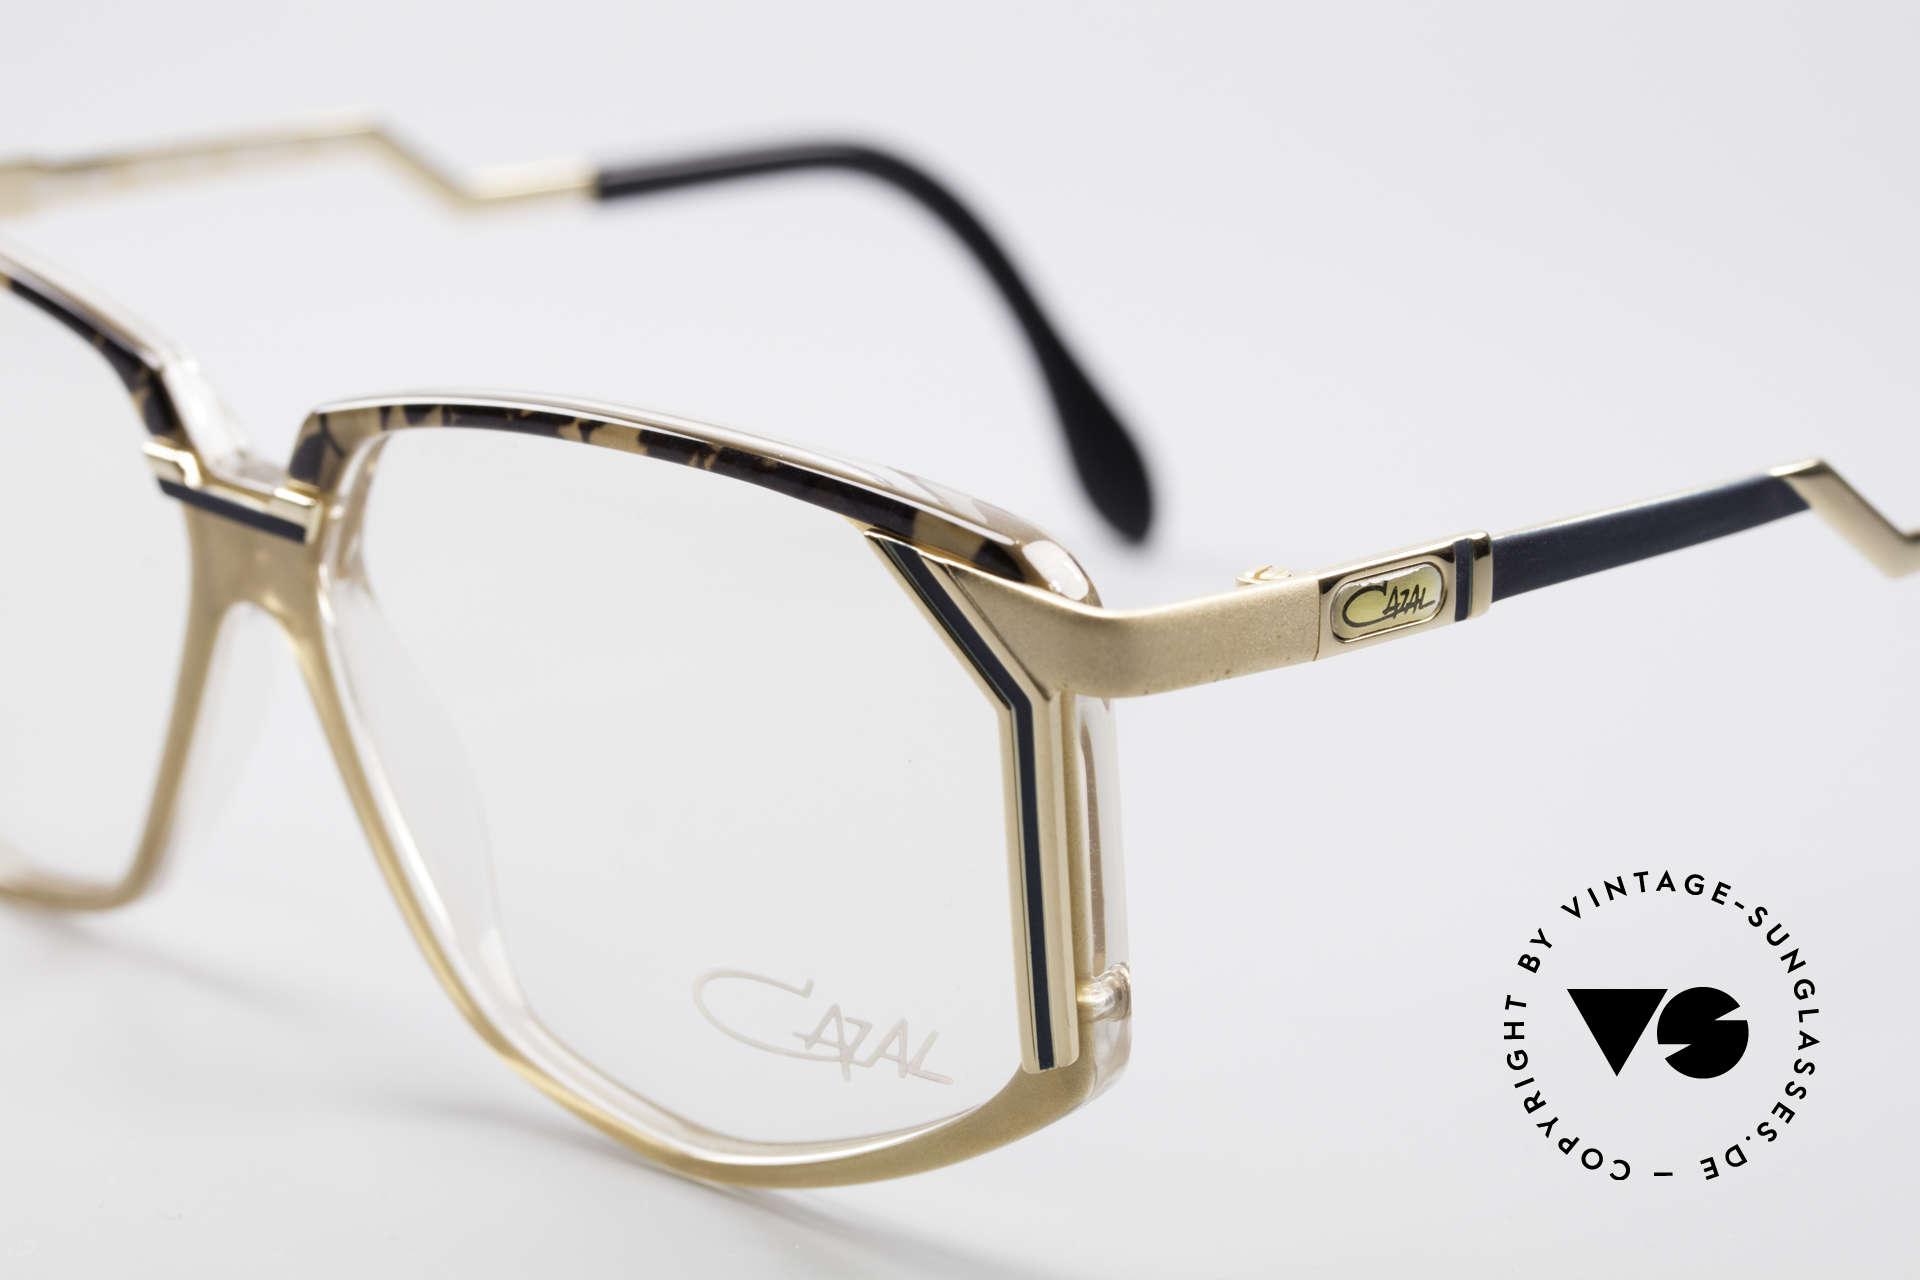 Cazal 346 Hip Hop 90's Designer Eyeglasses, never worn (like all of our vintage Cazal eyeglasses), Made for Men and Women